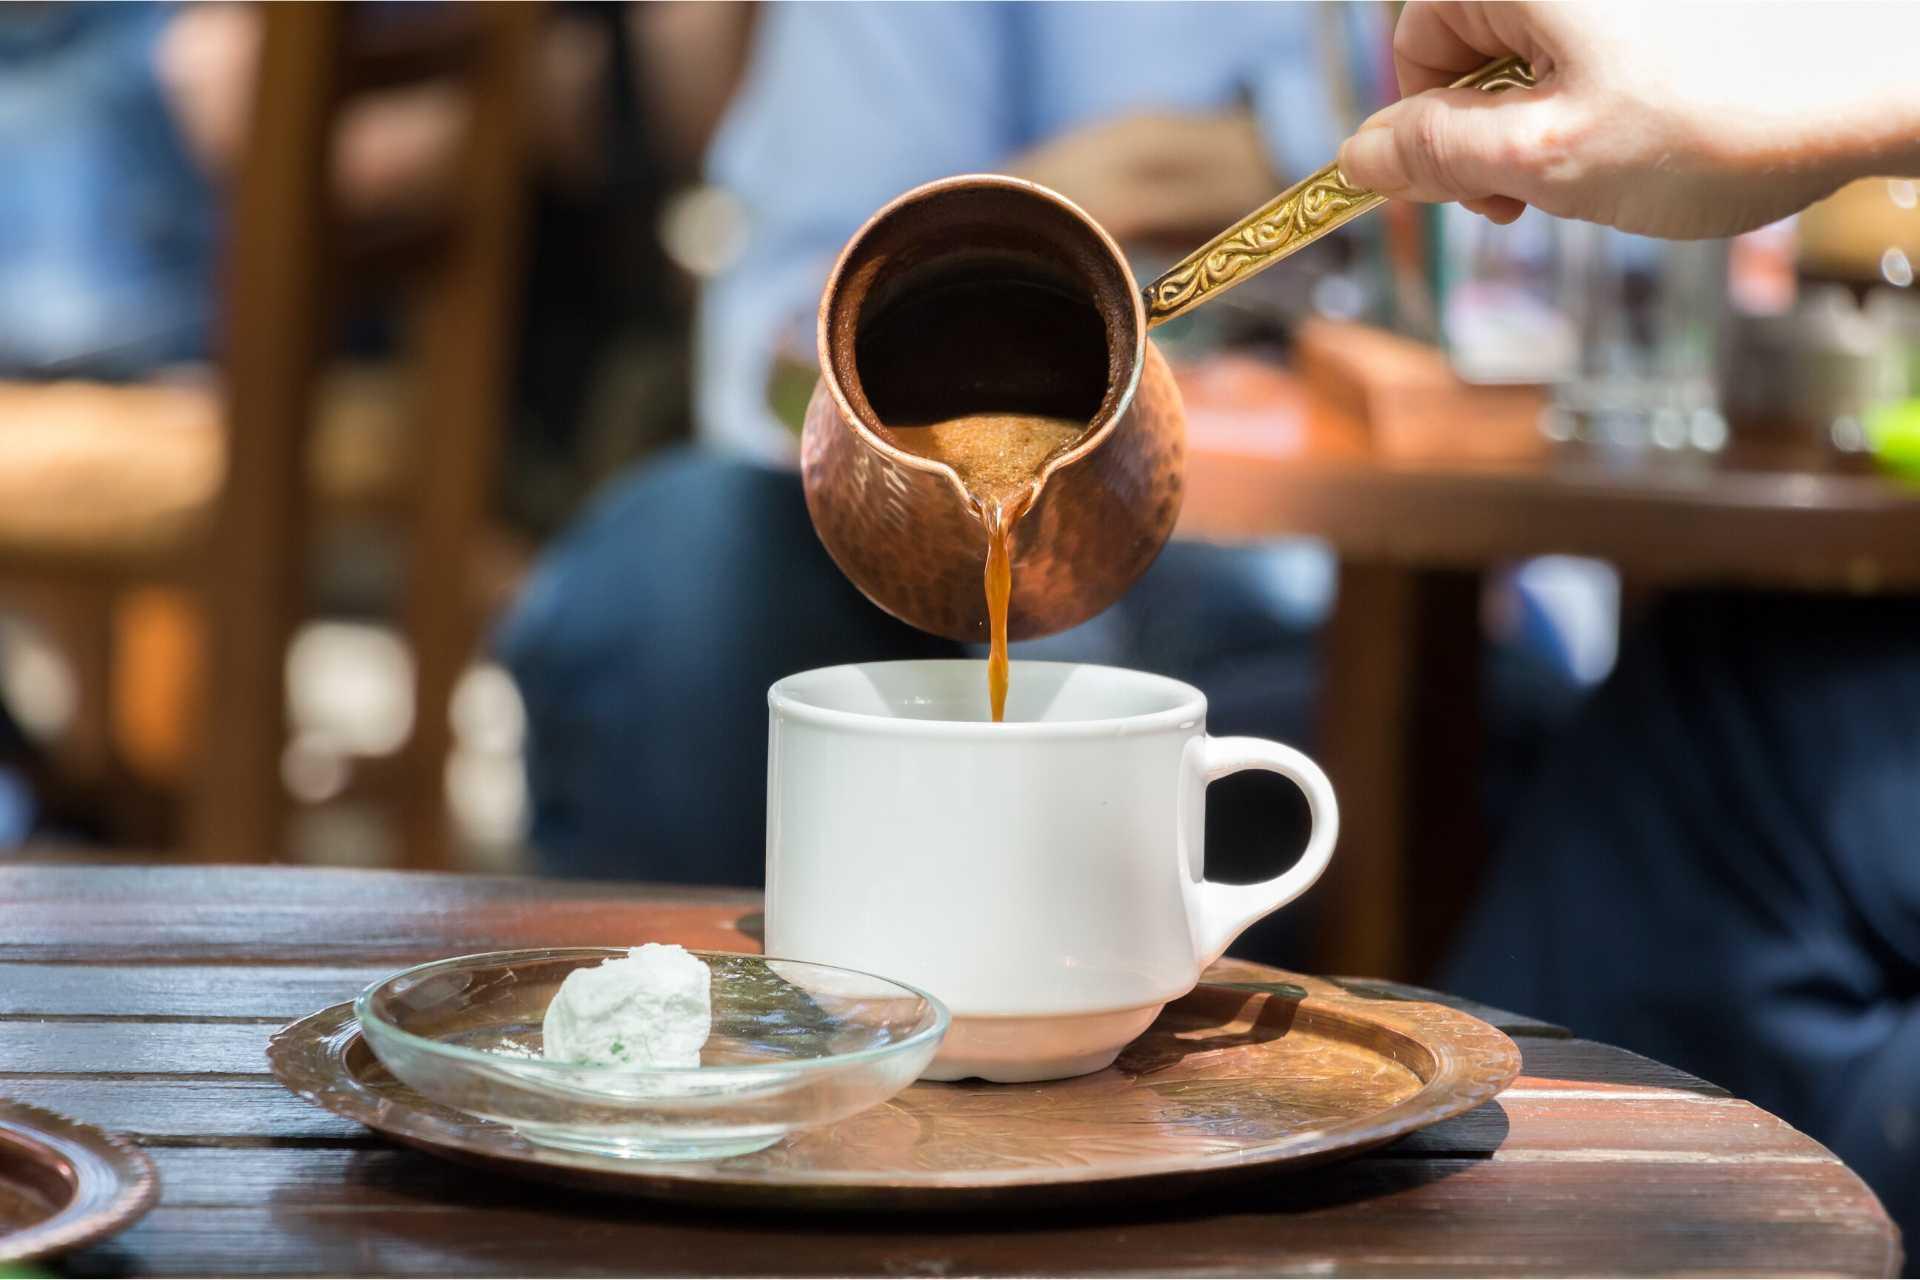 Ученые опровергли связь между потреблением кофе и болезнями сердца